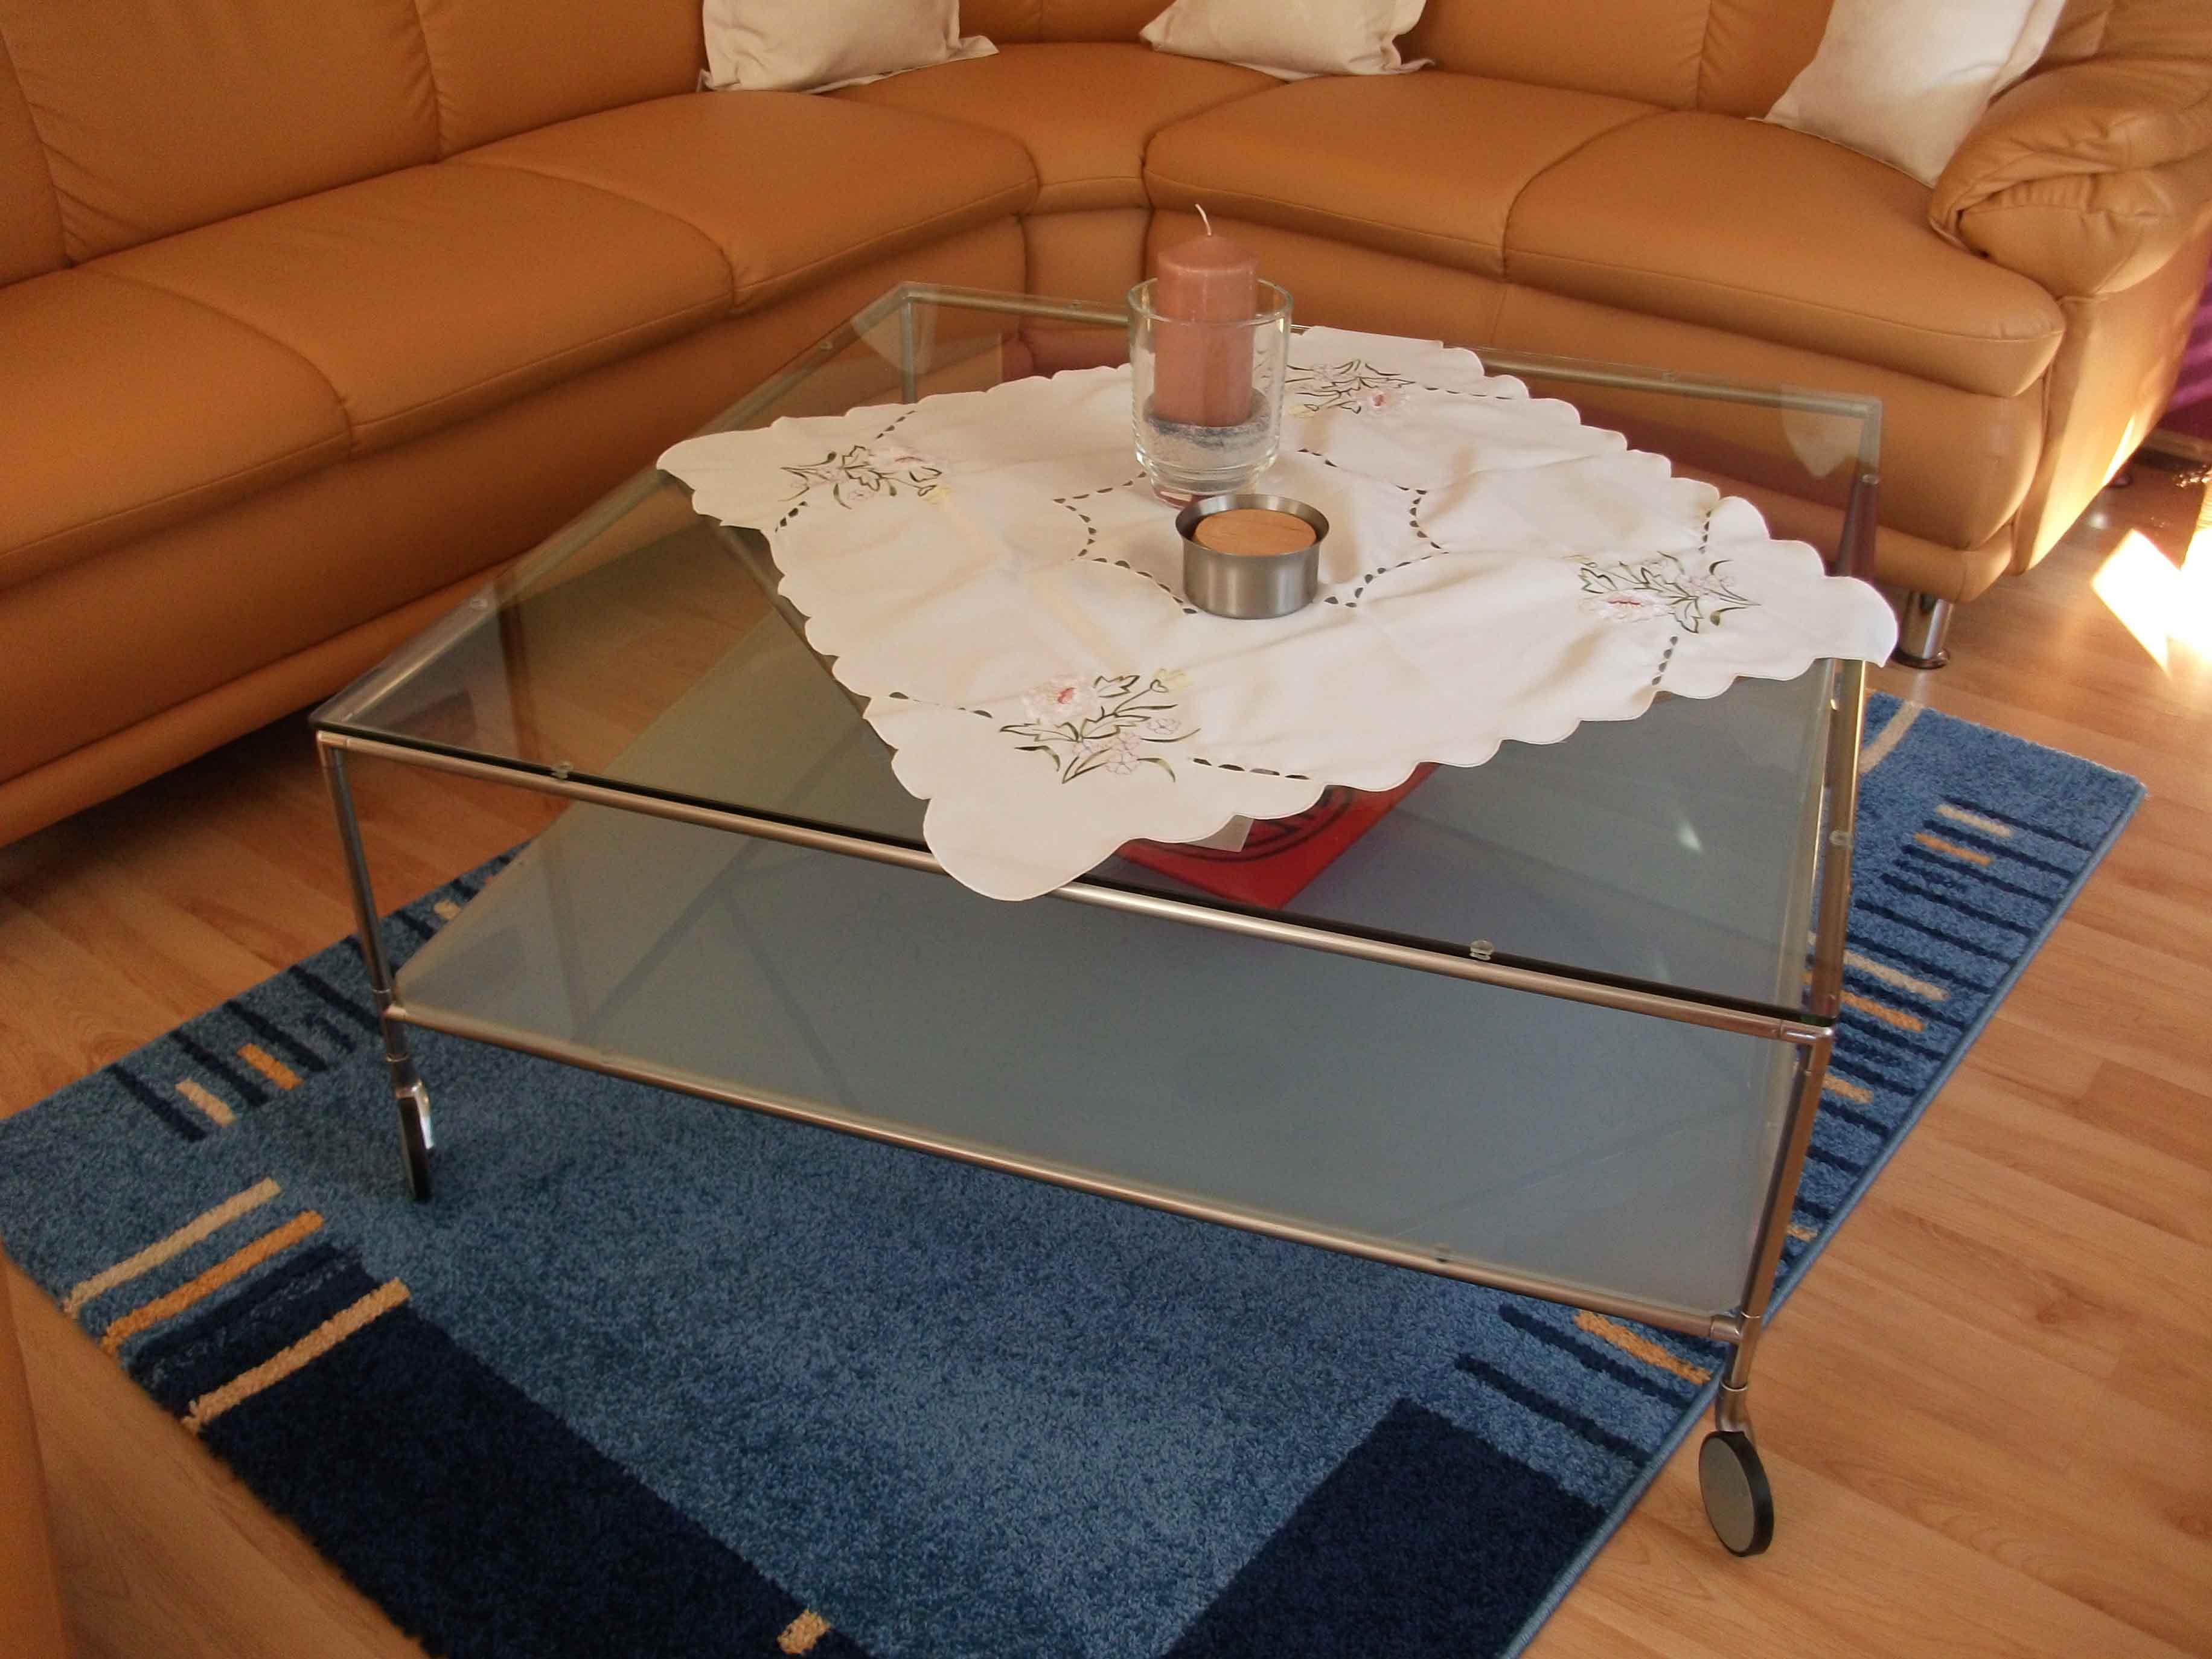 m bel und haushalt kleinanzeigen in bergheim. Black Bedroom Furniture Sets. Home Design Ideas